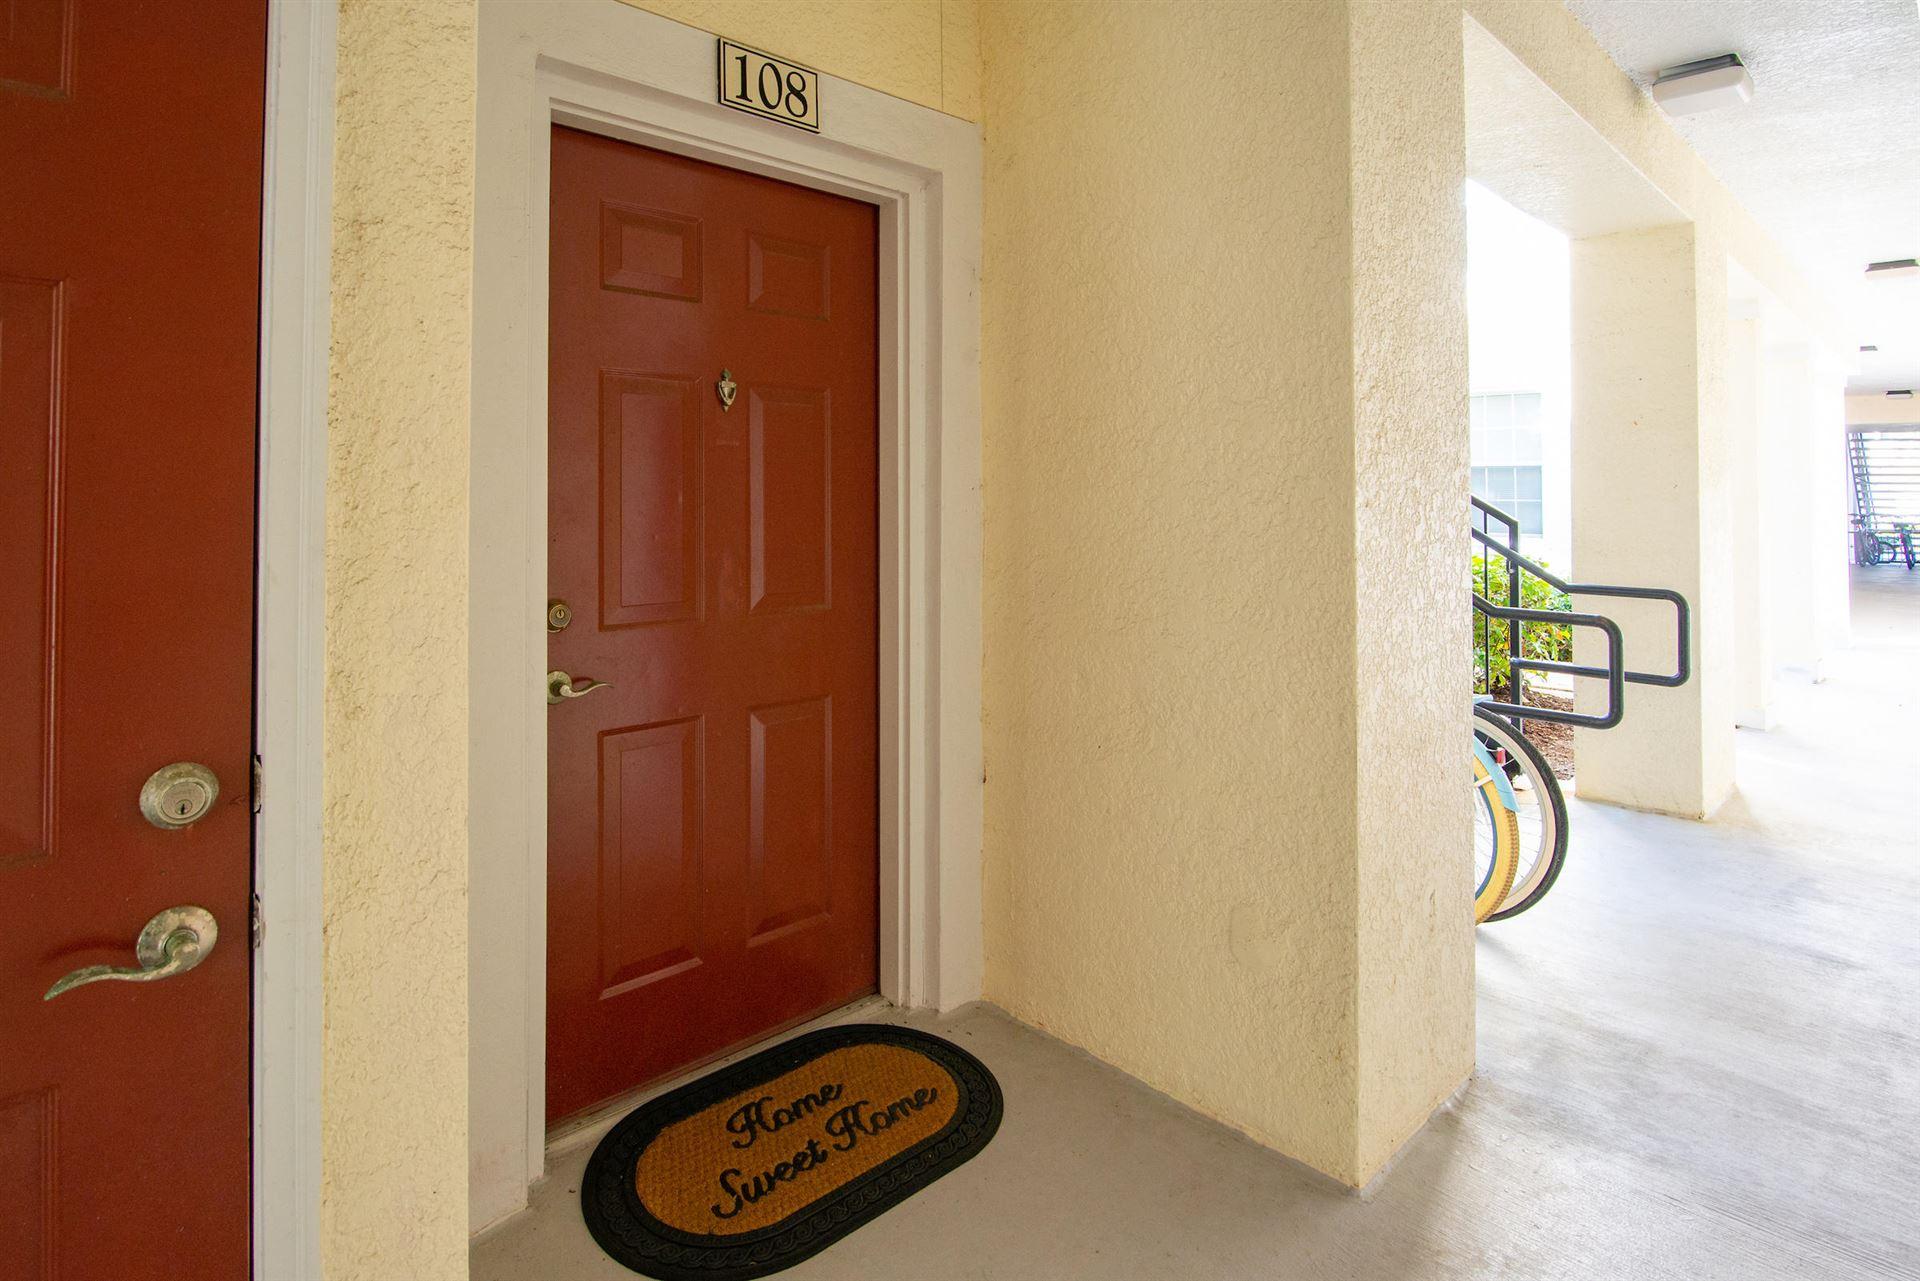 Photo of 224 Murcia Drive #108, Jupiter, FL 33458 (MLS # RX-10689517)